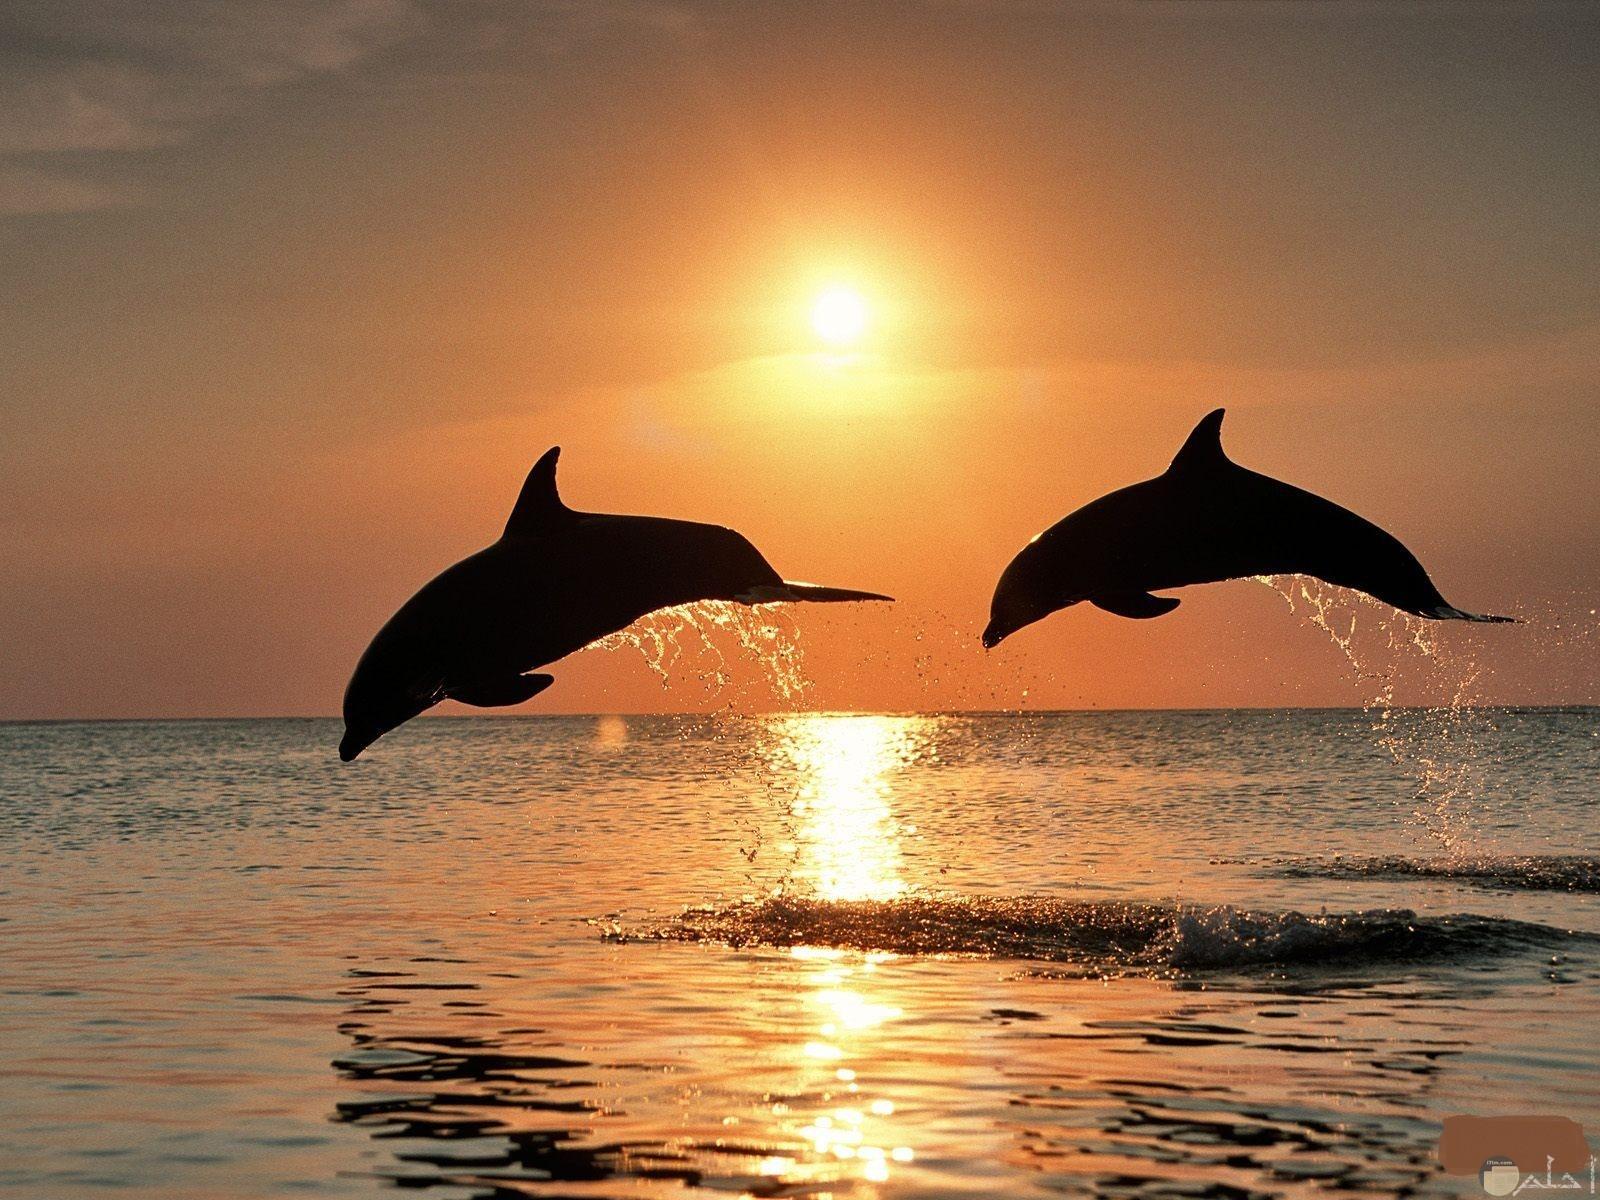 الدولفين و روعة ألعابه بالماء.